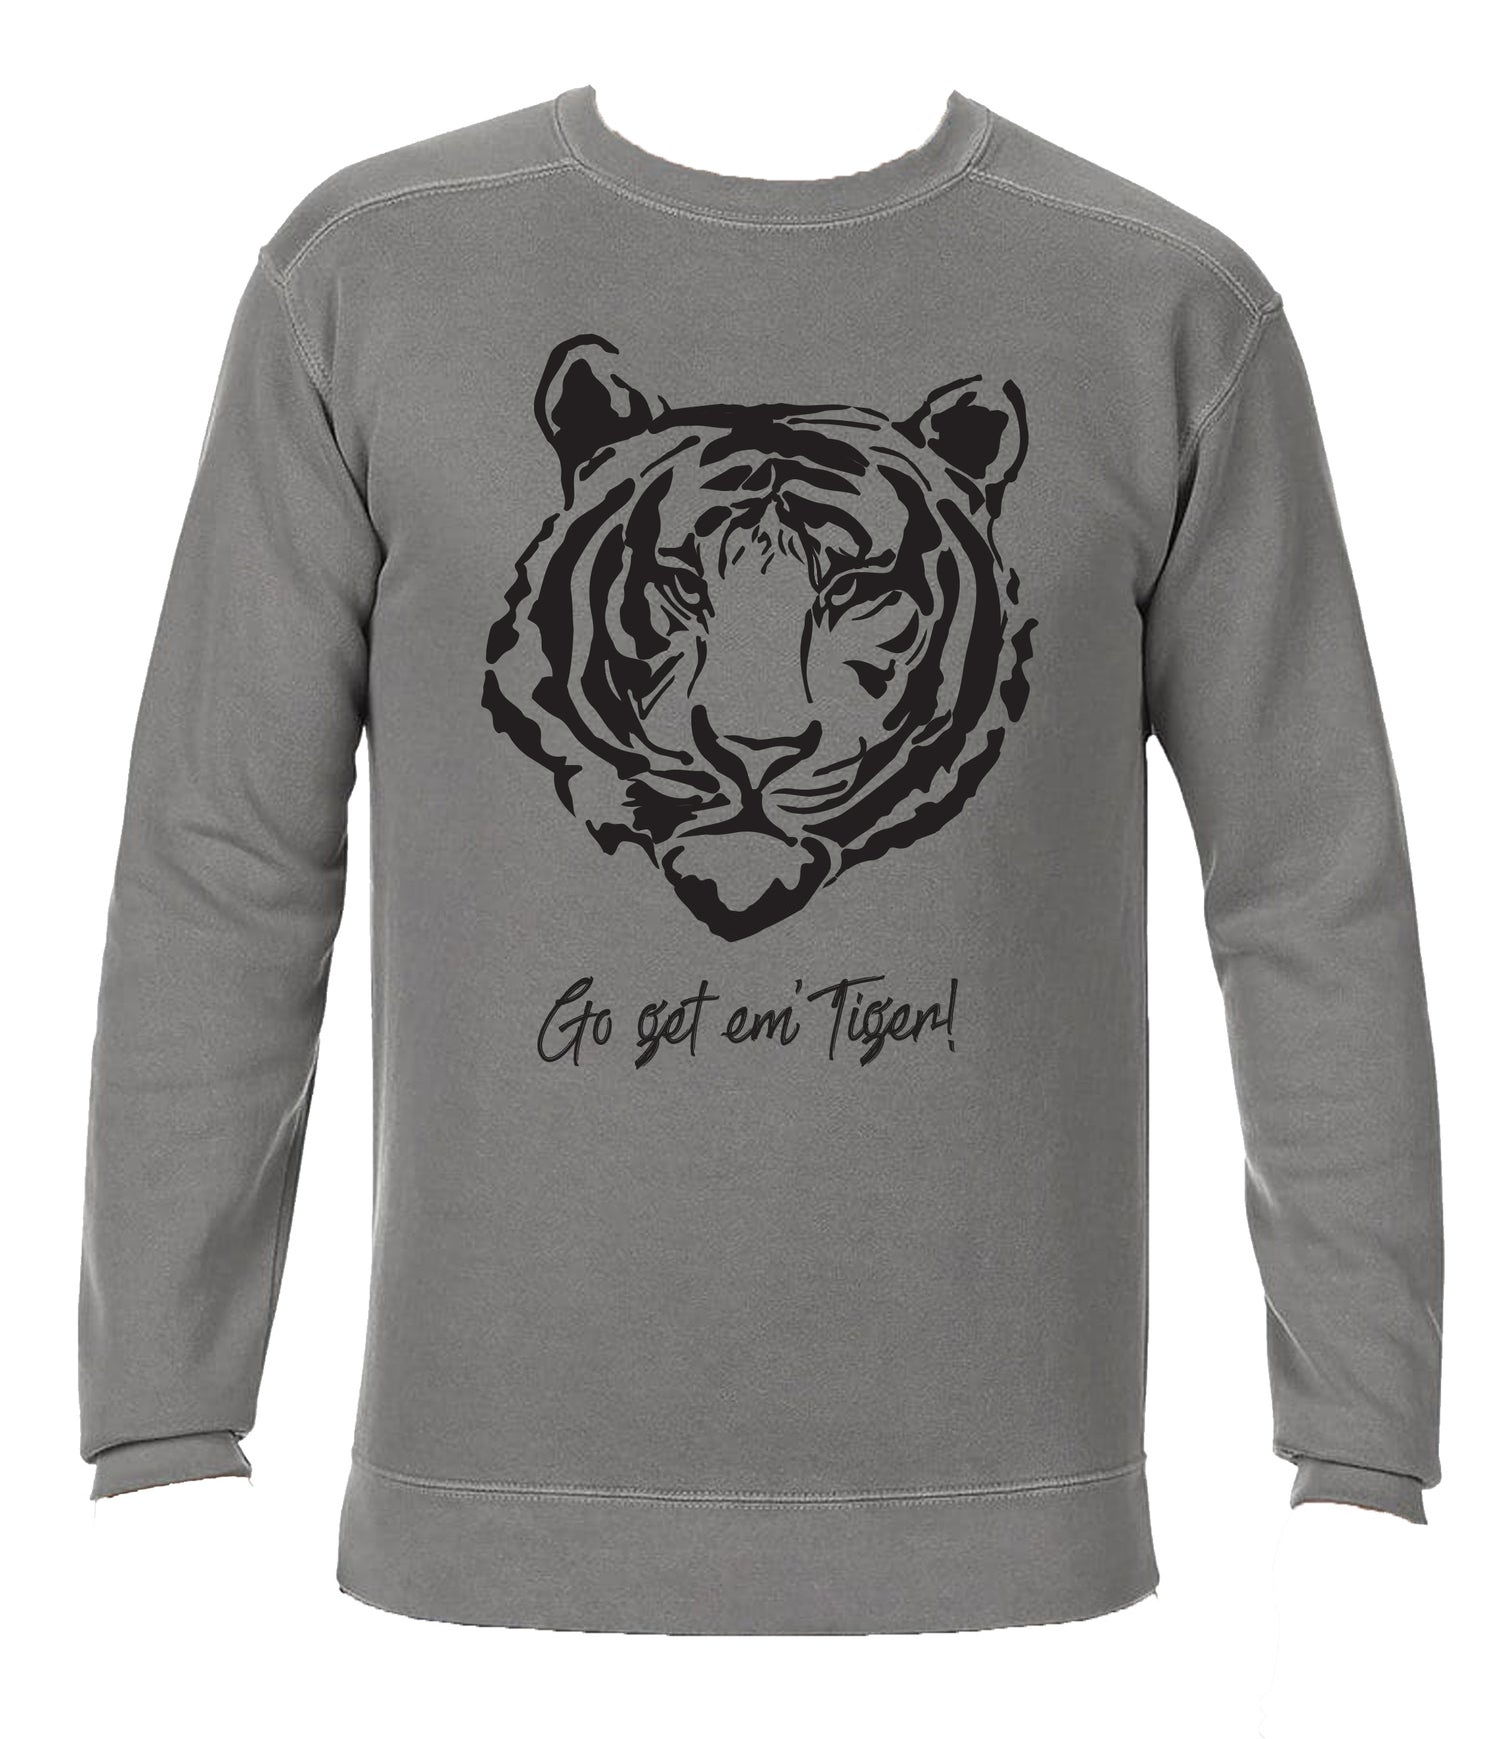 Image of Go Get Em' Tiger! CC SWEATSHIRT - Grey (USPS DELIVERY)